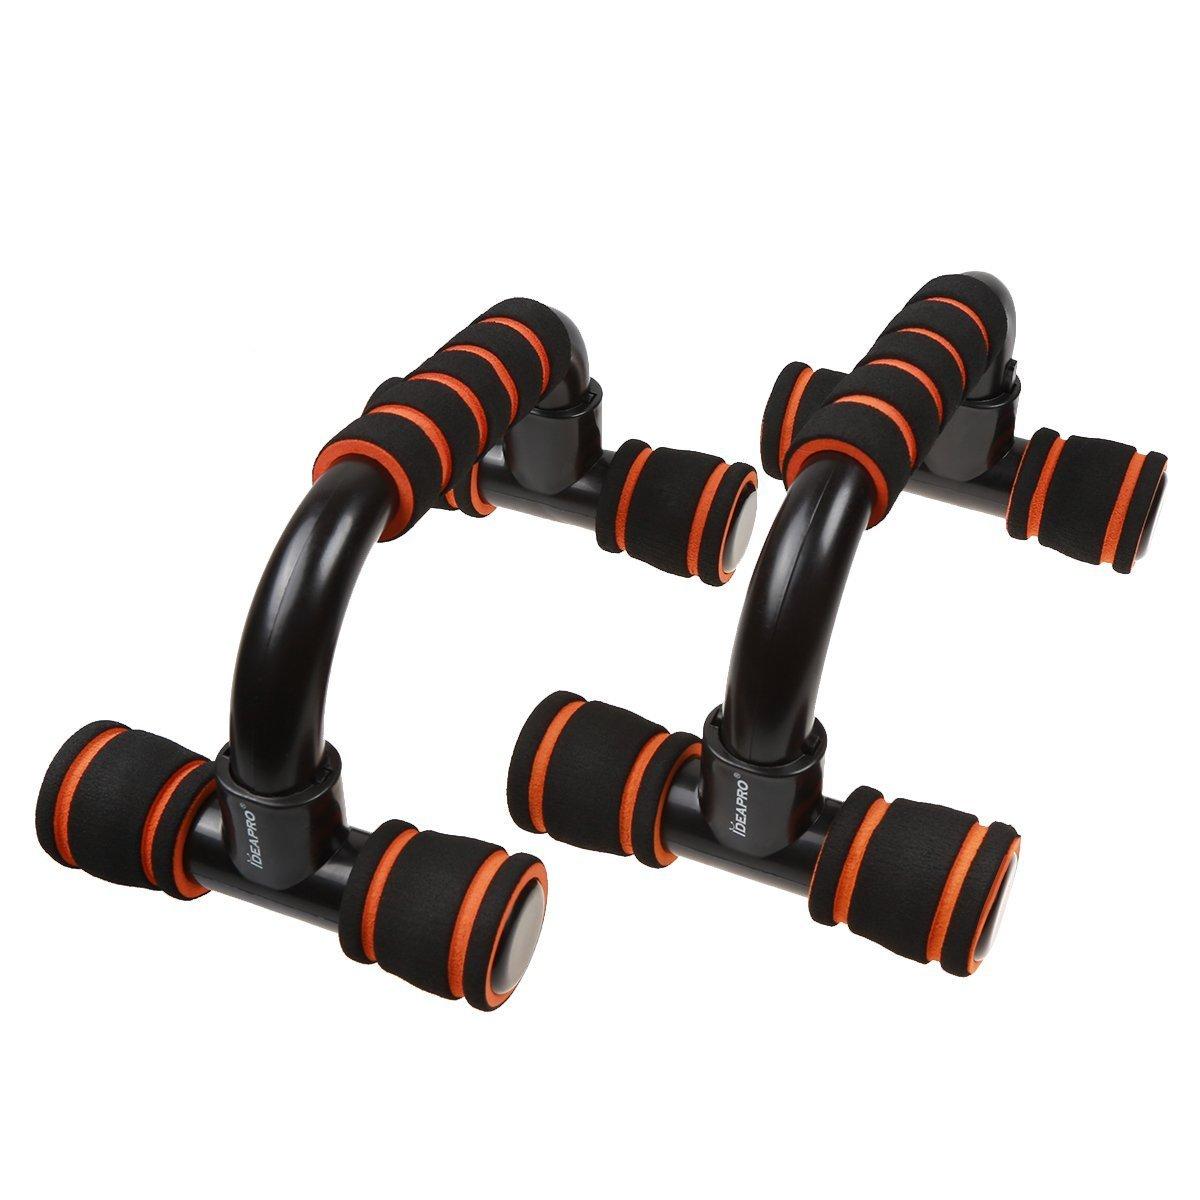 para ejercicios Anti Slip entrenamiento Equipo de entrenamiento para hombres y mujeres IDEAPRO 1/par de barras para flexiones con empu/ñaduras de esponja gimnasio deporte